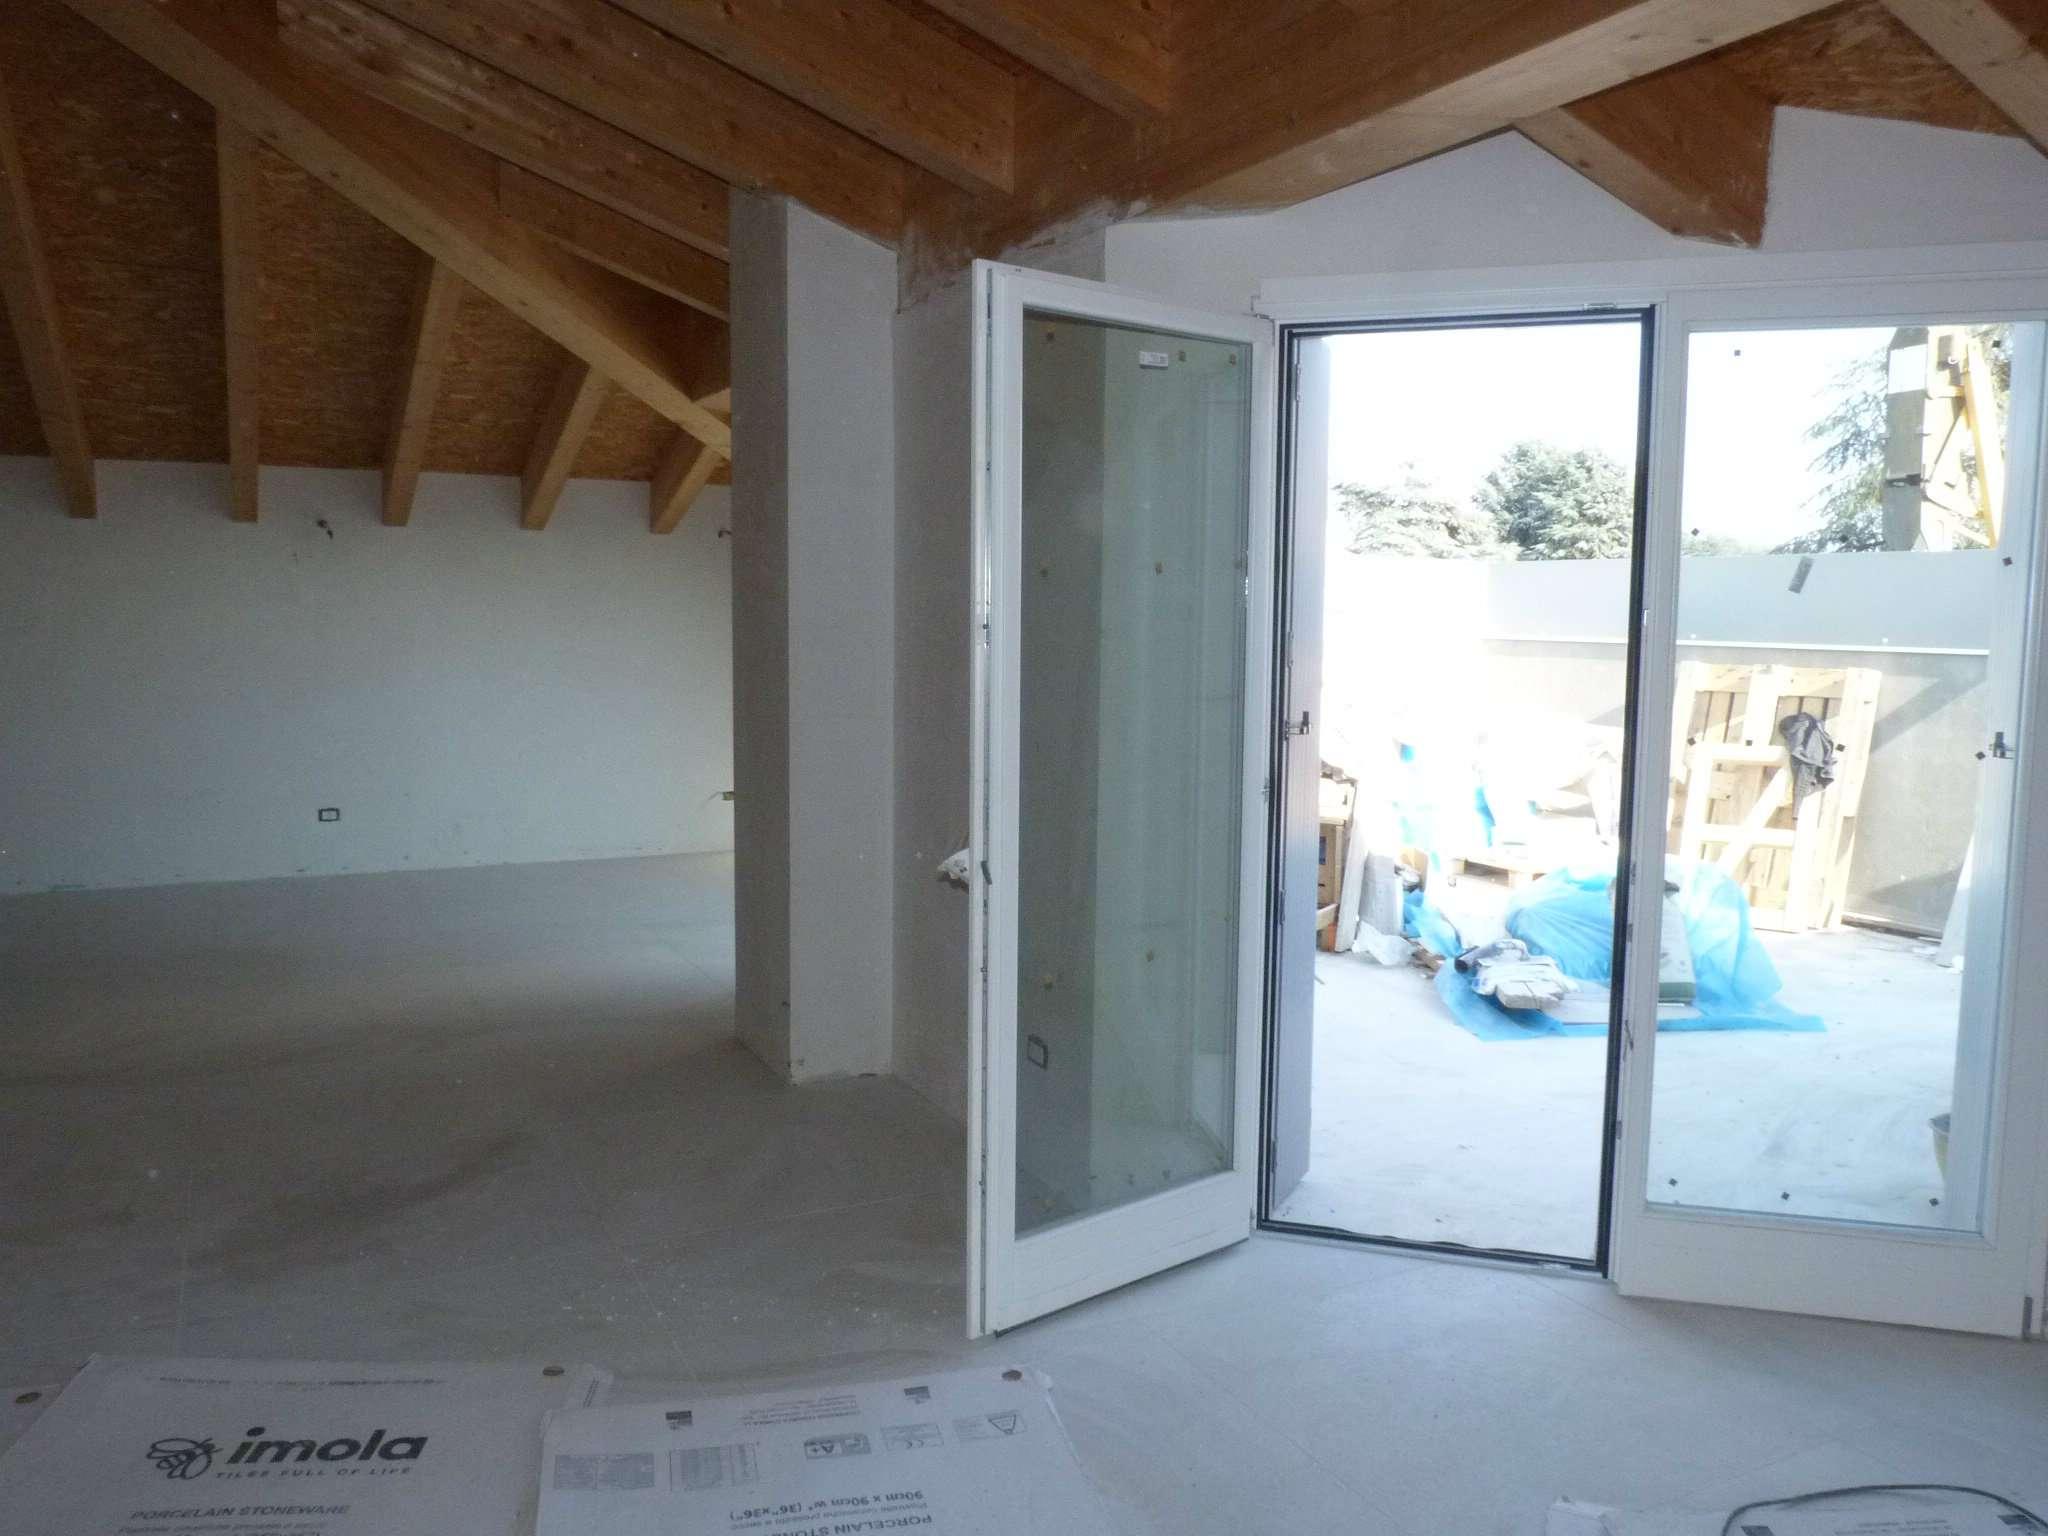 Attico / Mansarda in vendita a Lurate Caccivio, 5 locali, prezzo € 320.000 | Cambio Casa.it